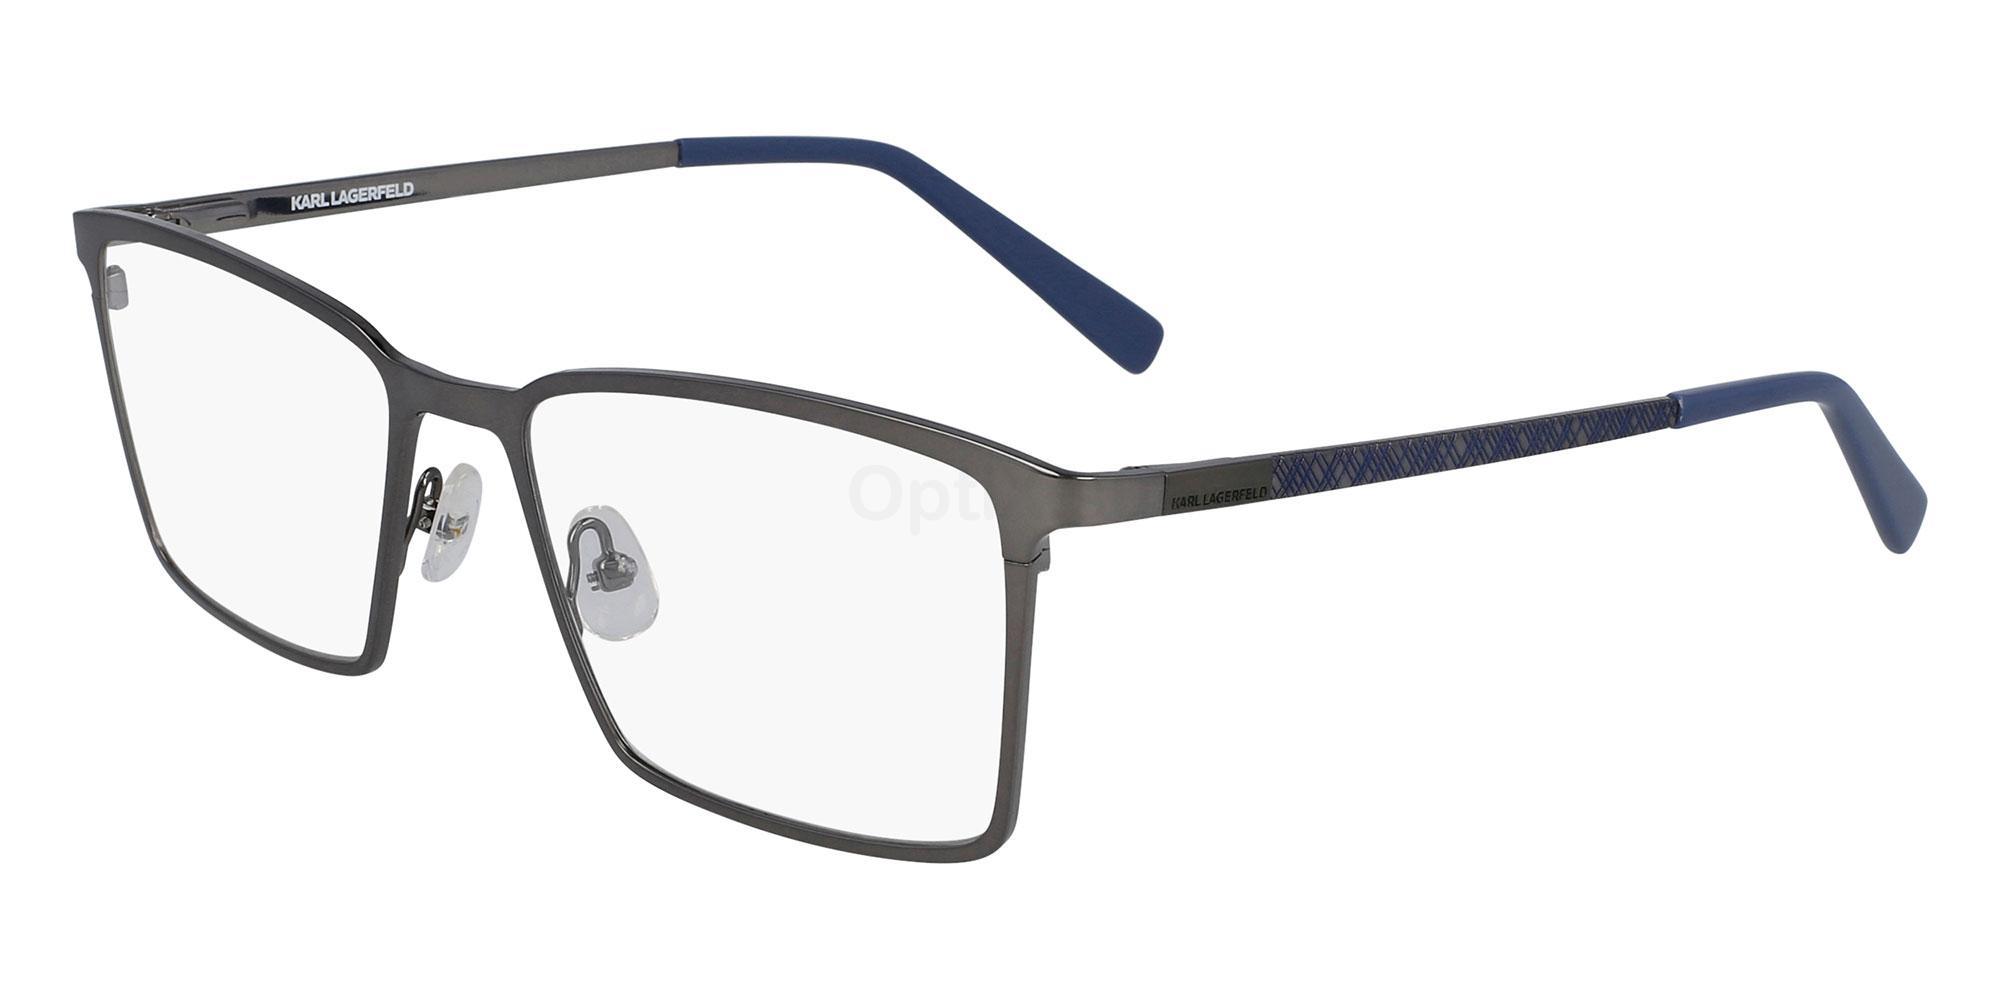 507 KL277 Glasses, Karl Lagerfeld